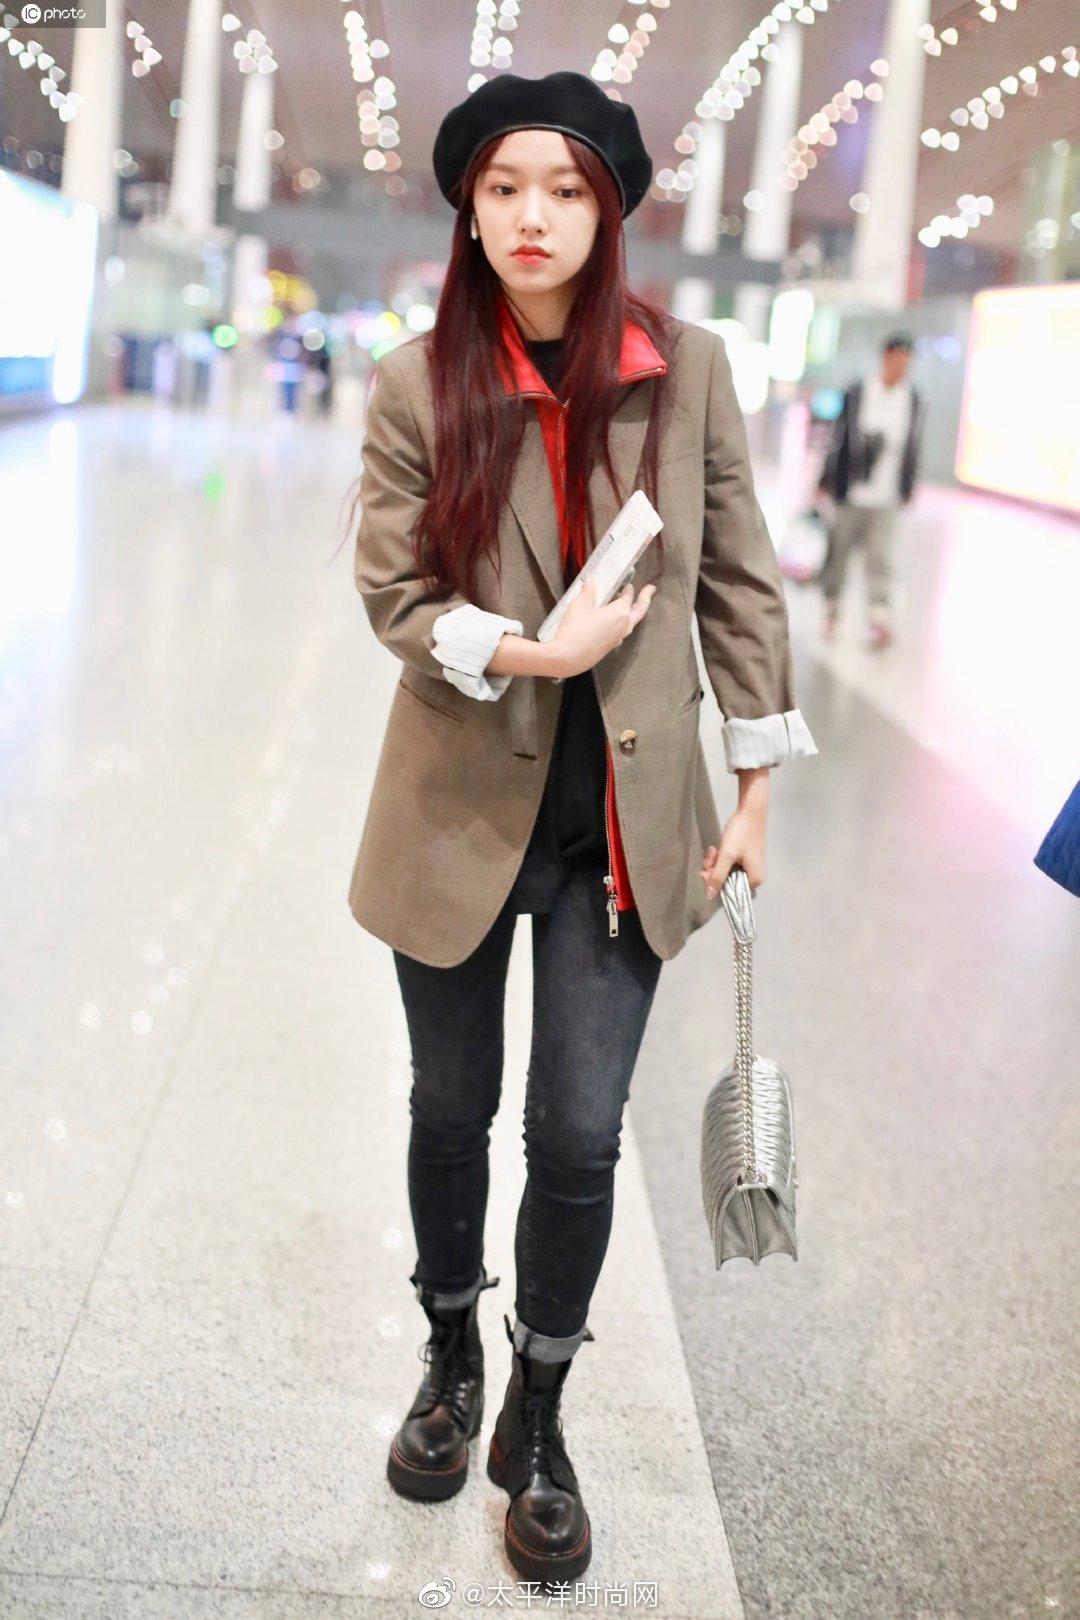 好时髦! 西装叠穿夹克,搭配铅笔裤和马丁靴现身北京机场